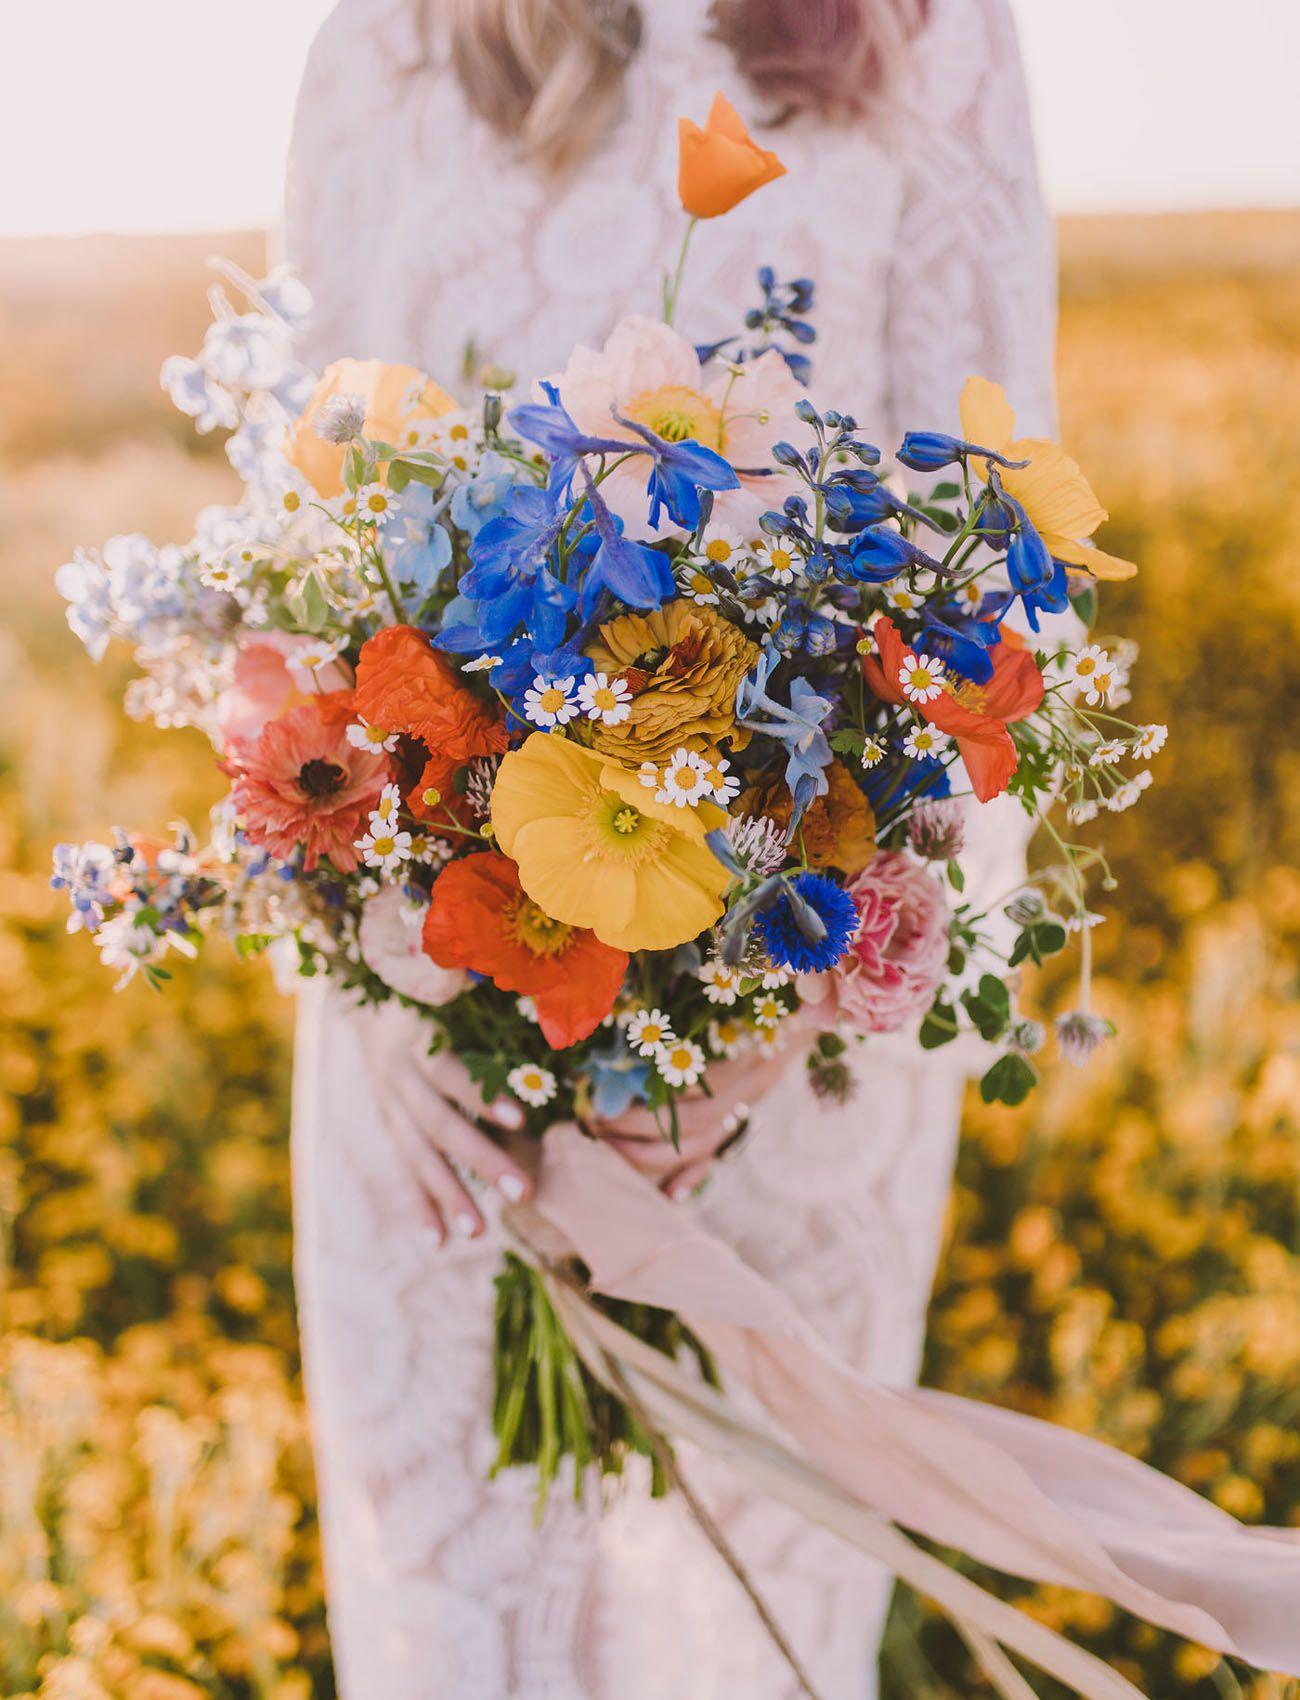 Matkins Flowers and Greenhouse matkinsflowersa on Pinterest